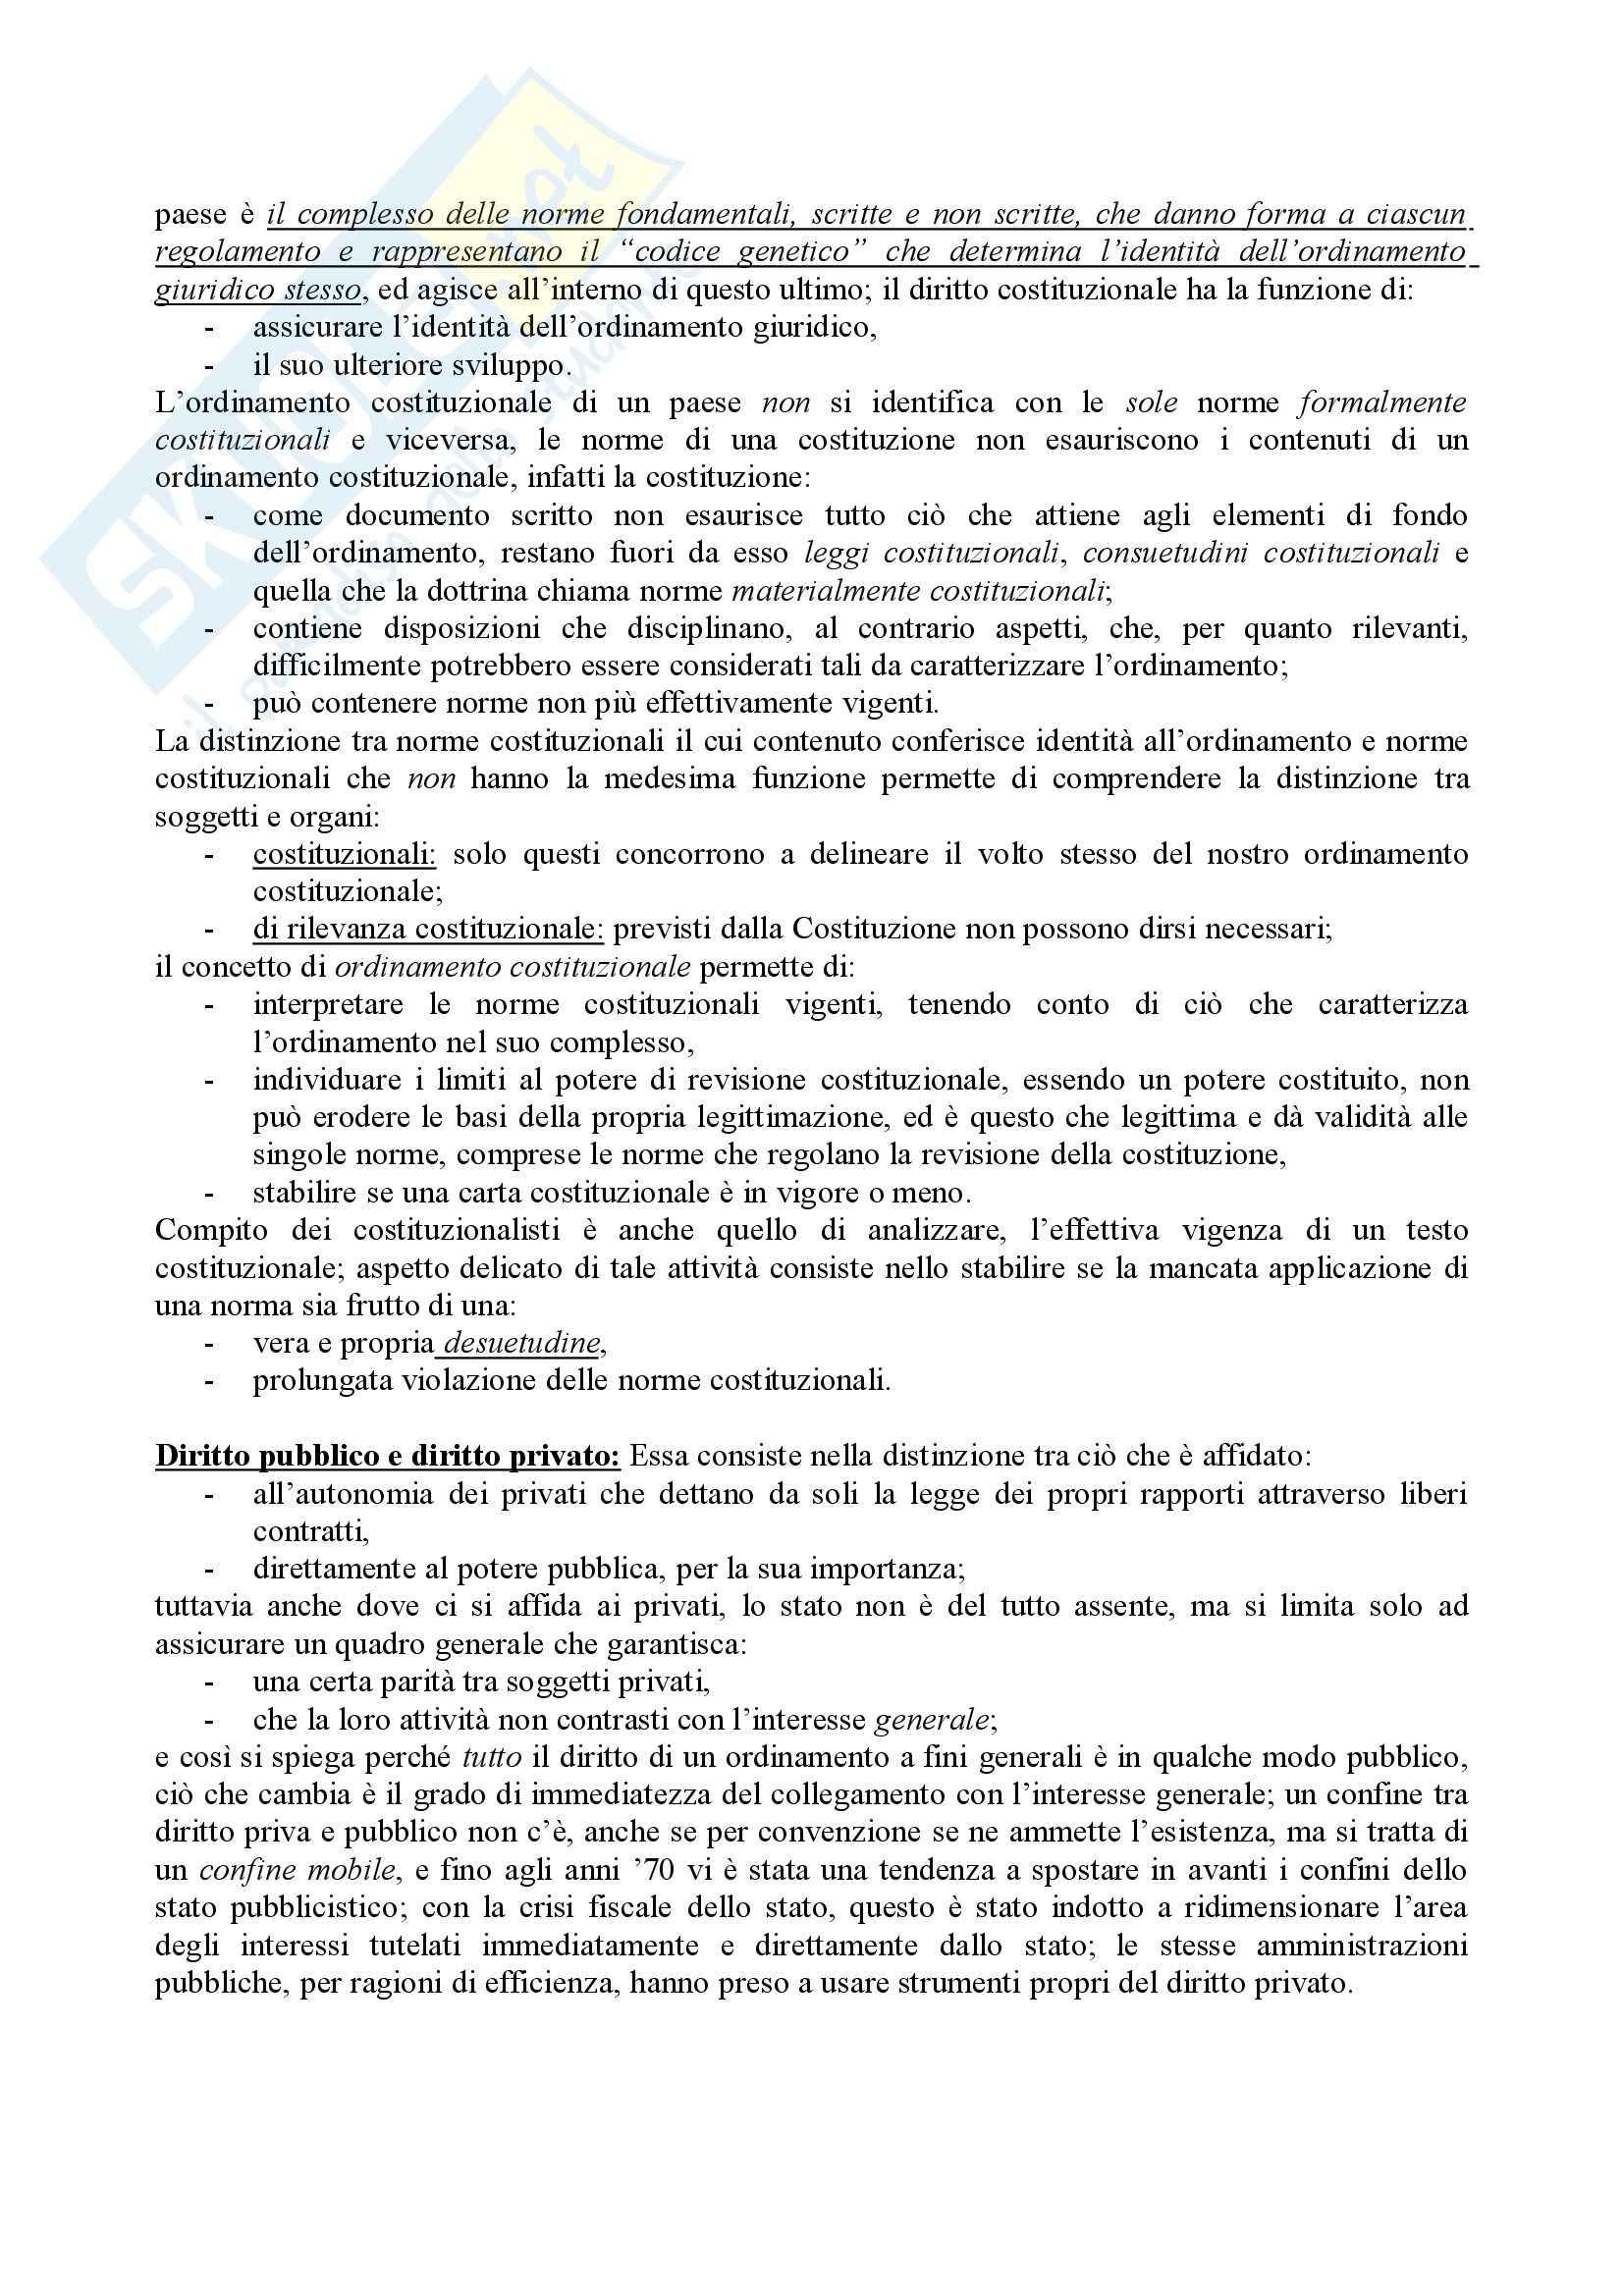 Diritto pubblico - Dispensa Pag. 2